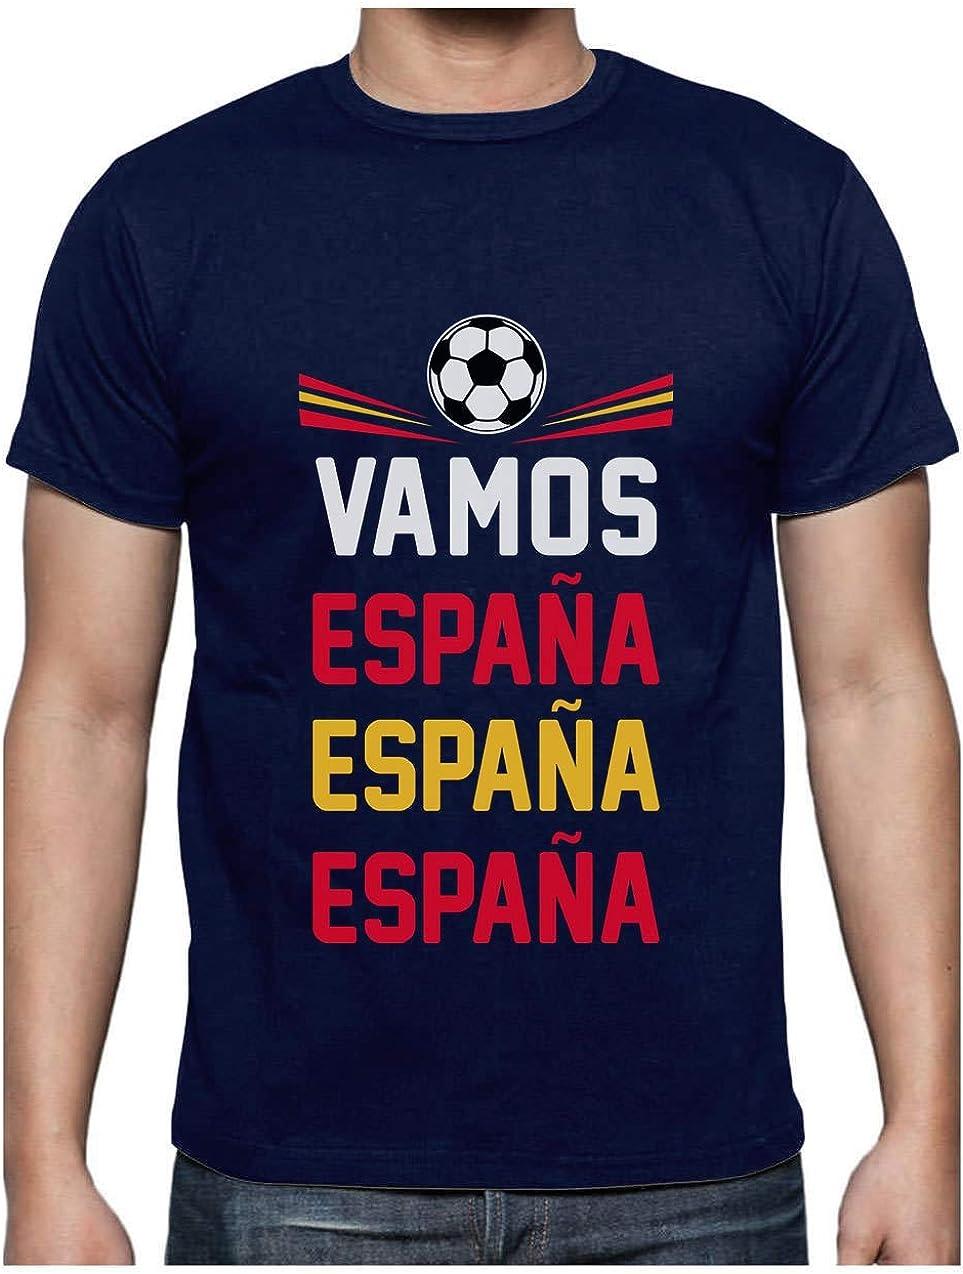 Green Turtle T-Shirts Camiseta para Hombre - Vamos España - Apoyemos a la elección Española!: Amazon.es: Ropa y accesorios